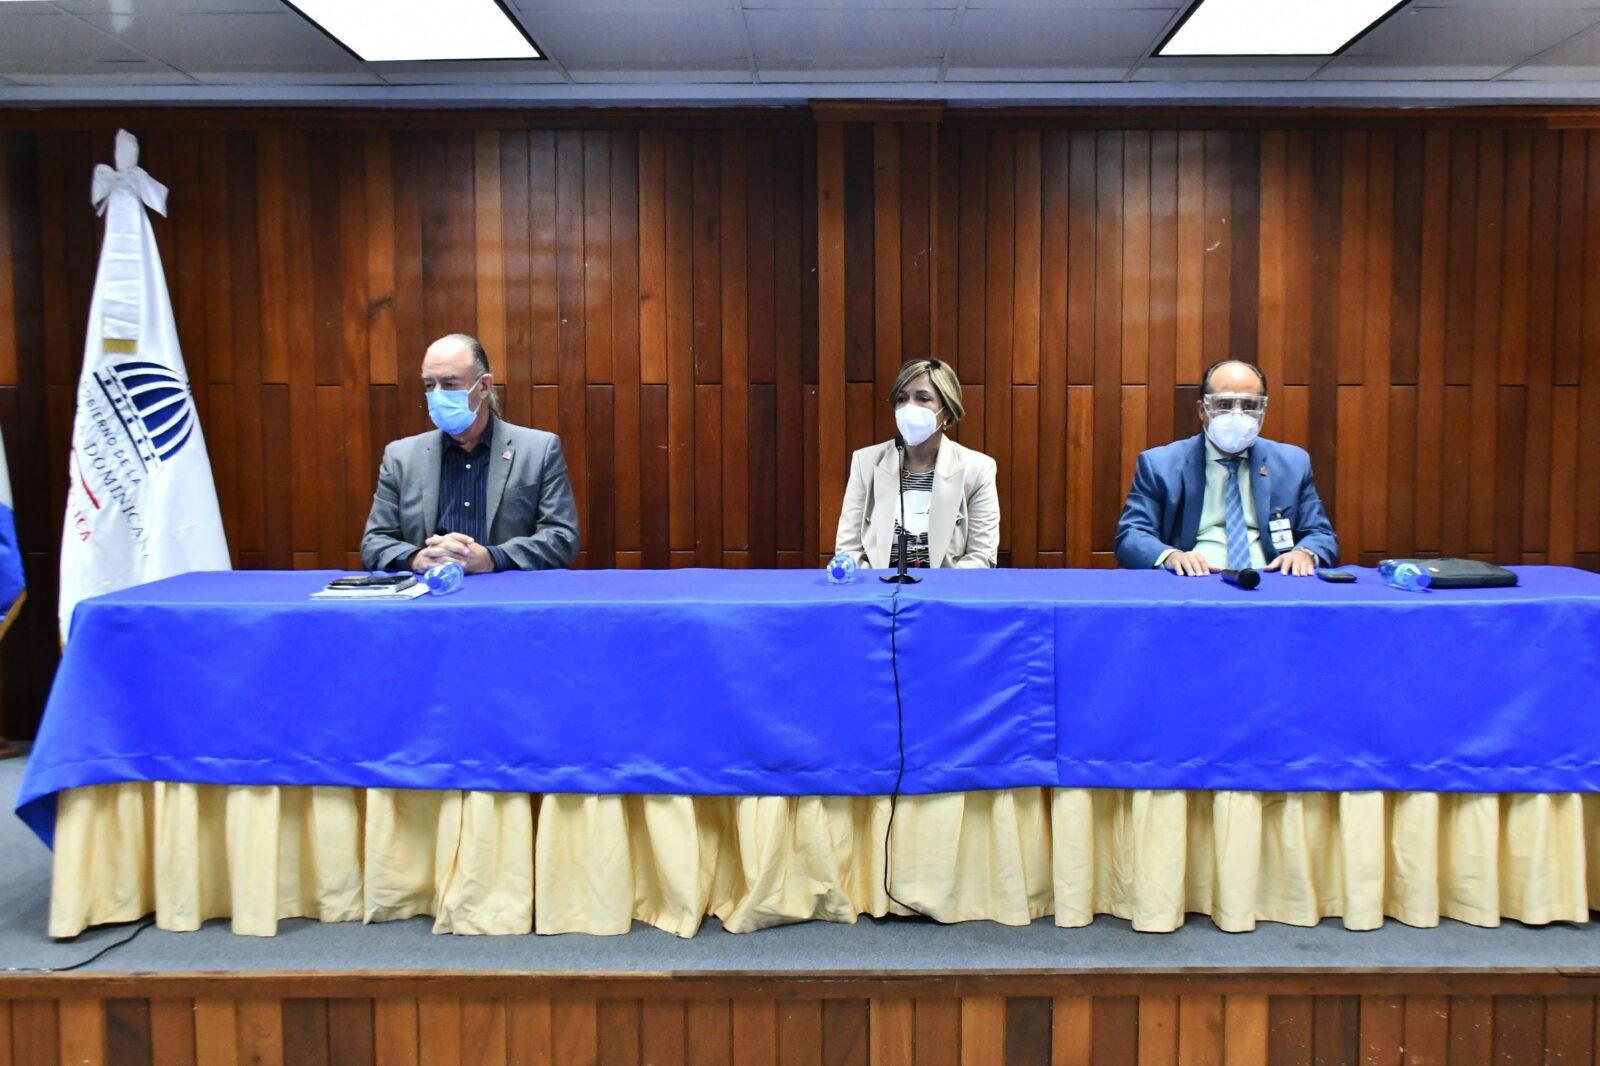 MSP advierte sobre aumento en incidencia de coronavirus en personas jóvenes